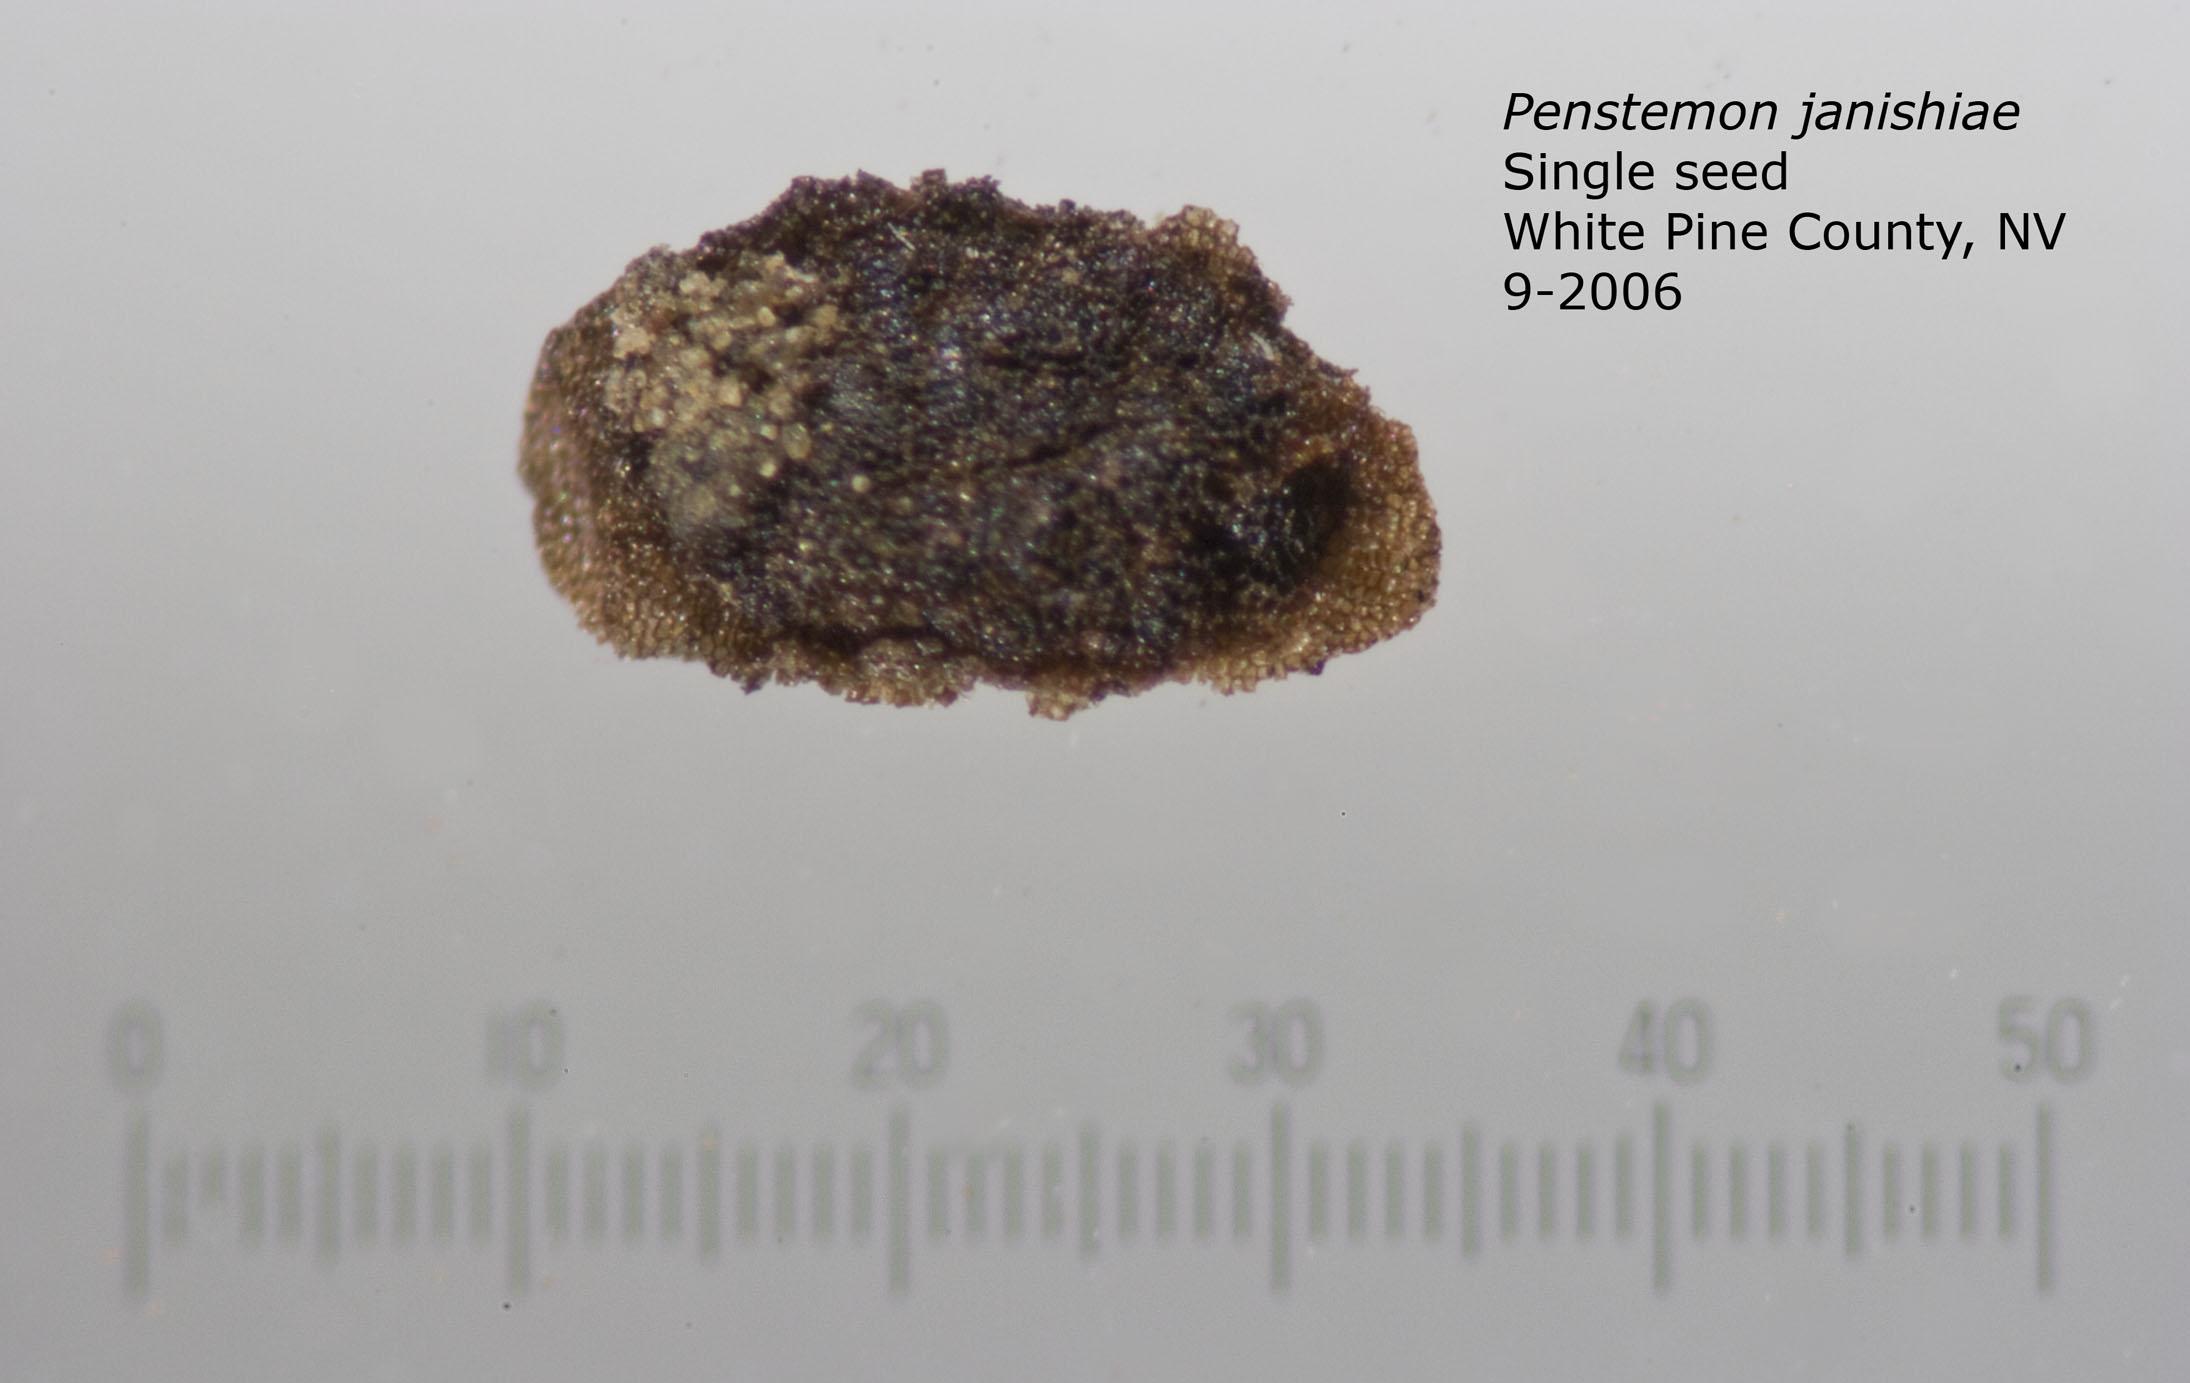 Penstemon janishiae single seed